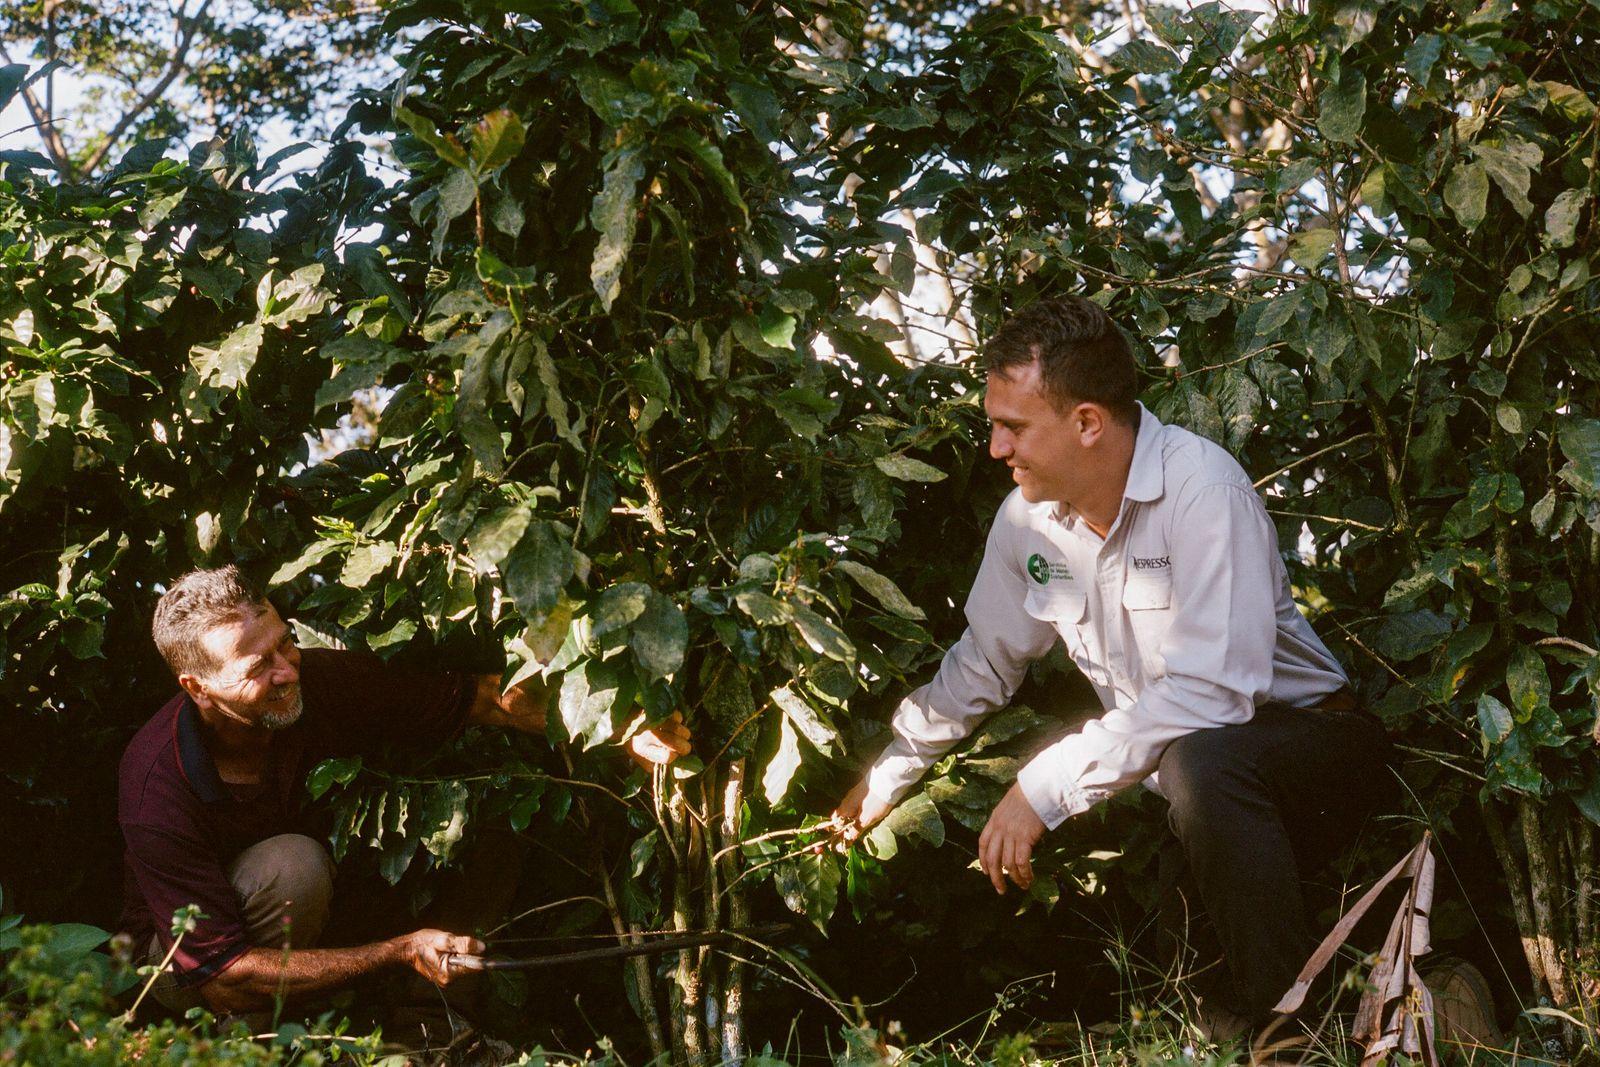 Luis Emilio con una nueva tanda de generosas cerezas de café, recién recolectadas. Luis se siente ...